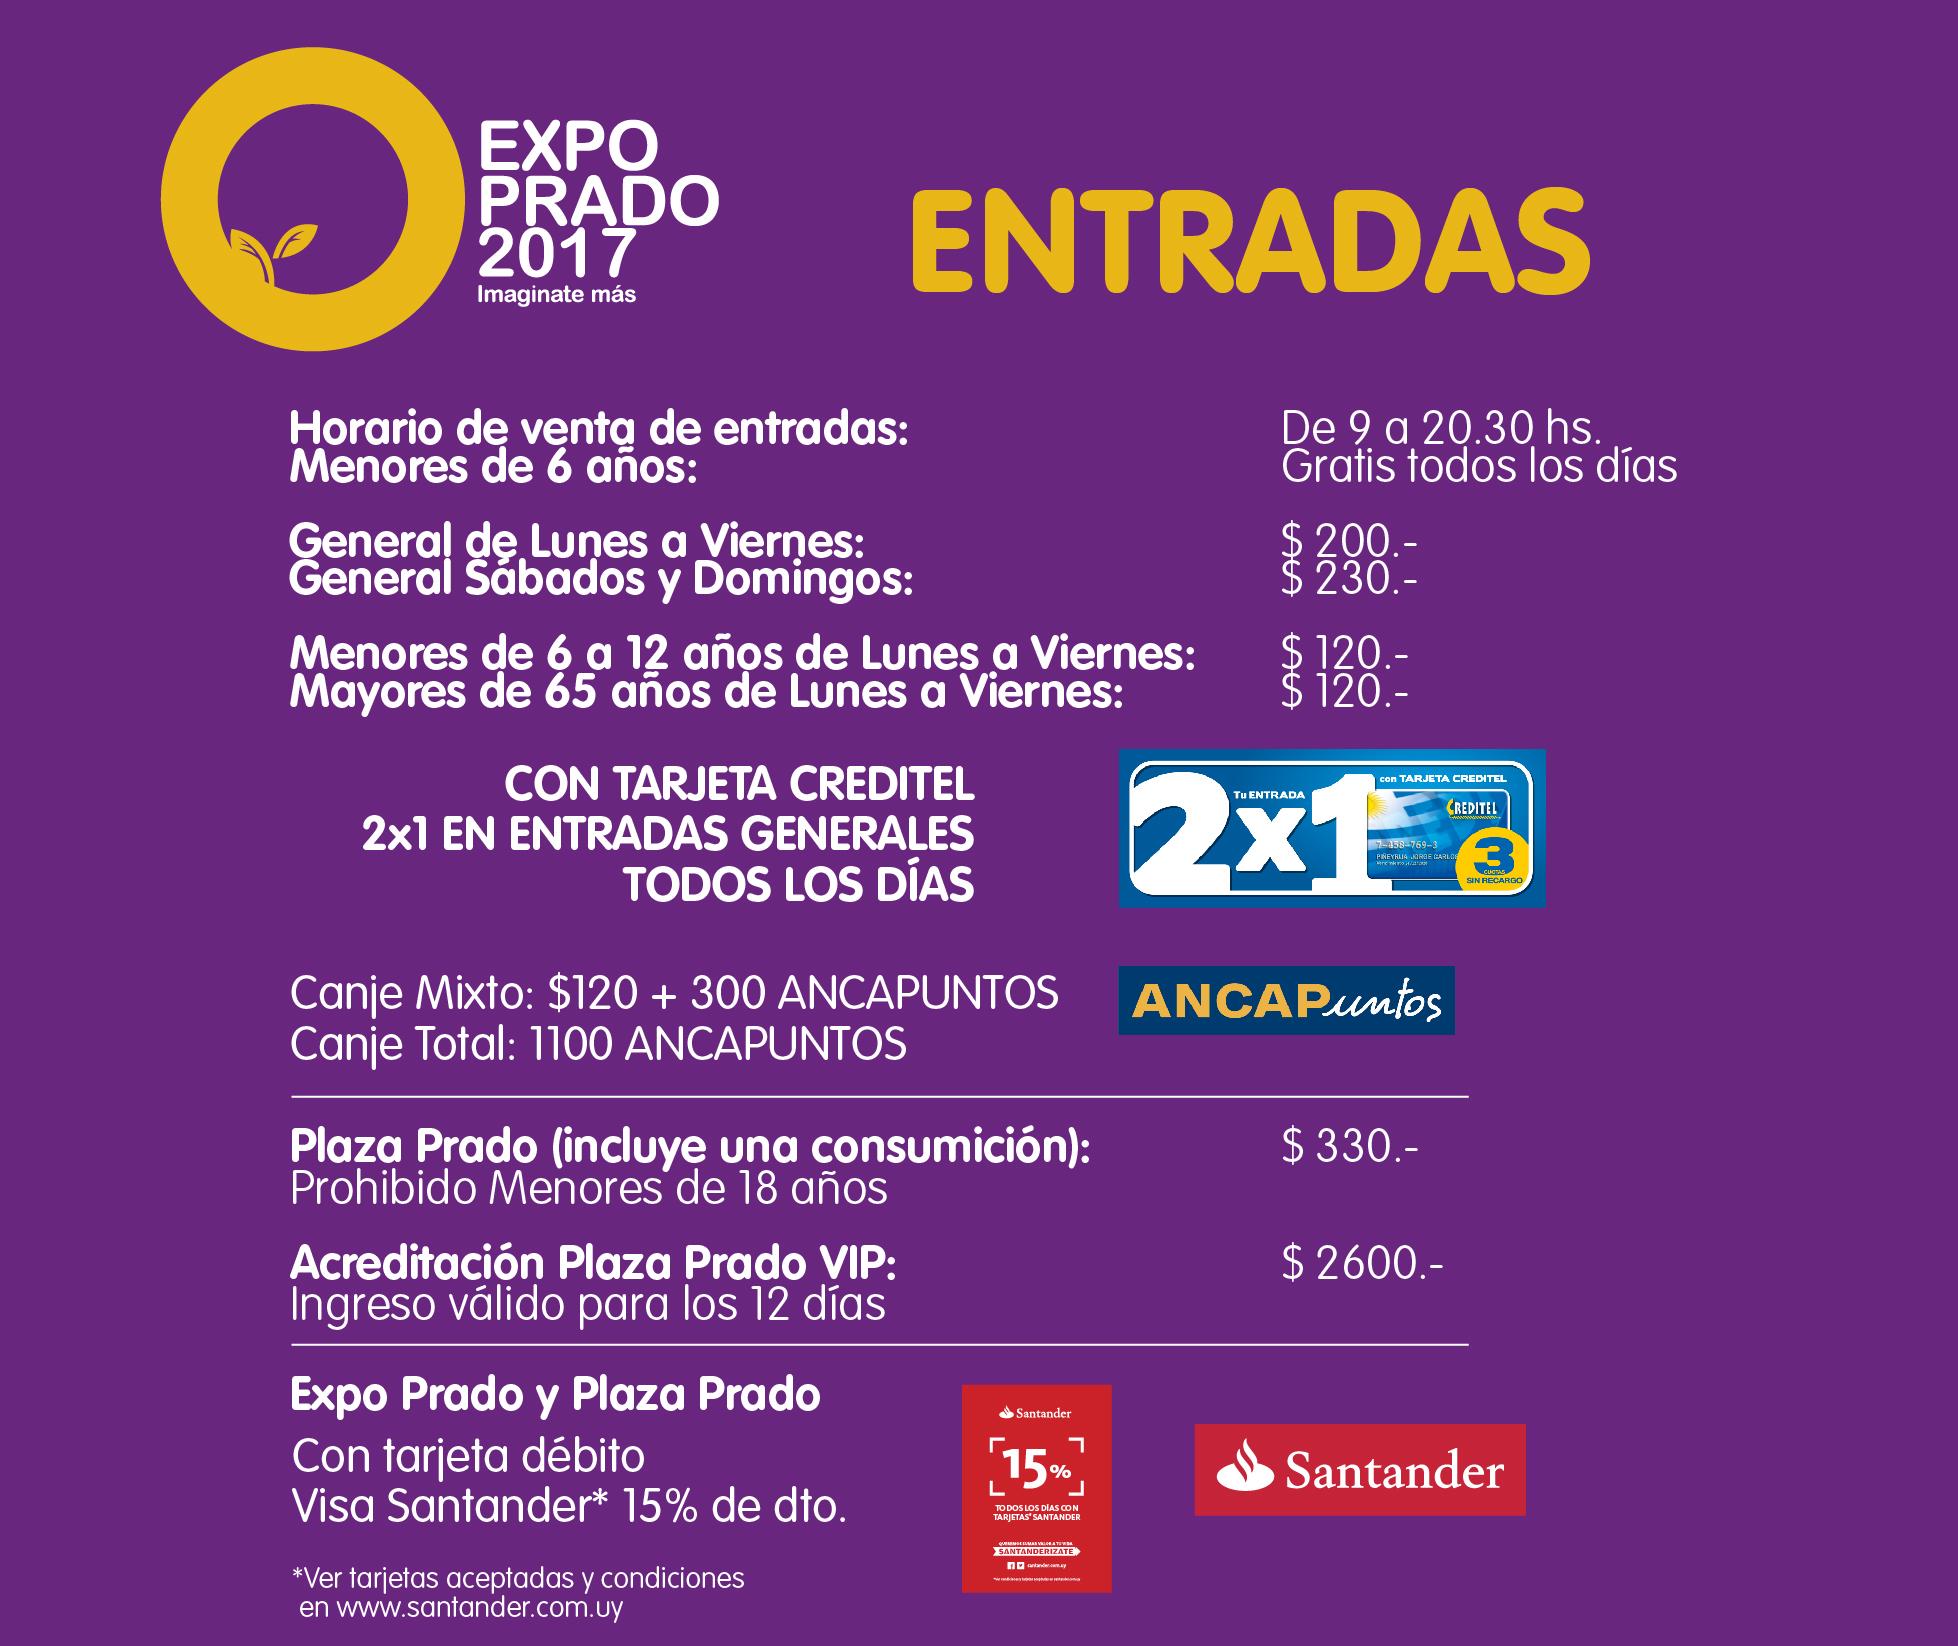 EP17 ENTRADAS FB 940x790px-01 (1)